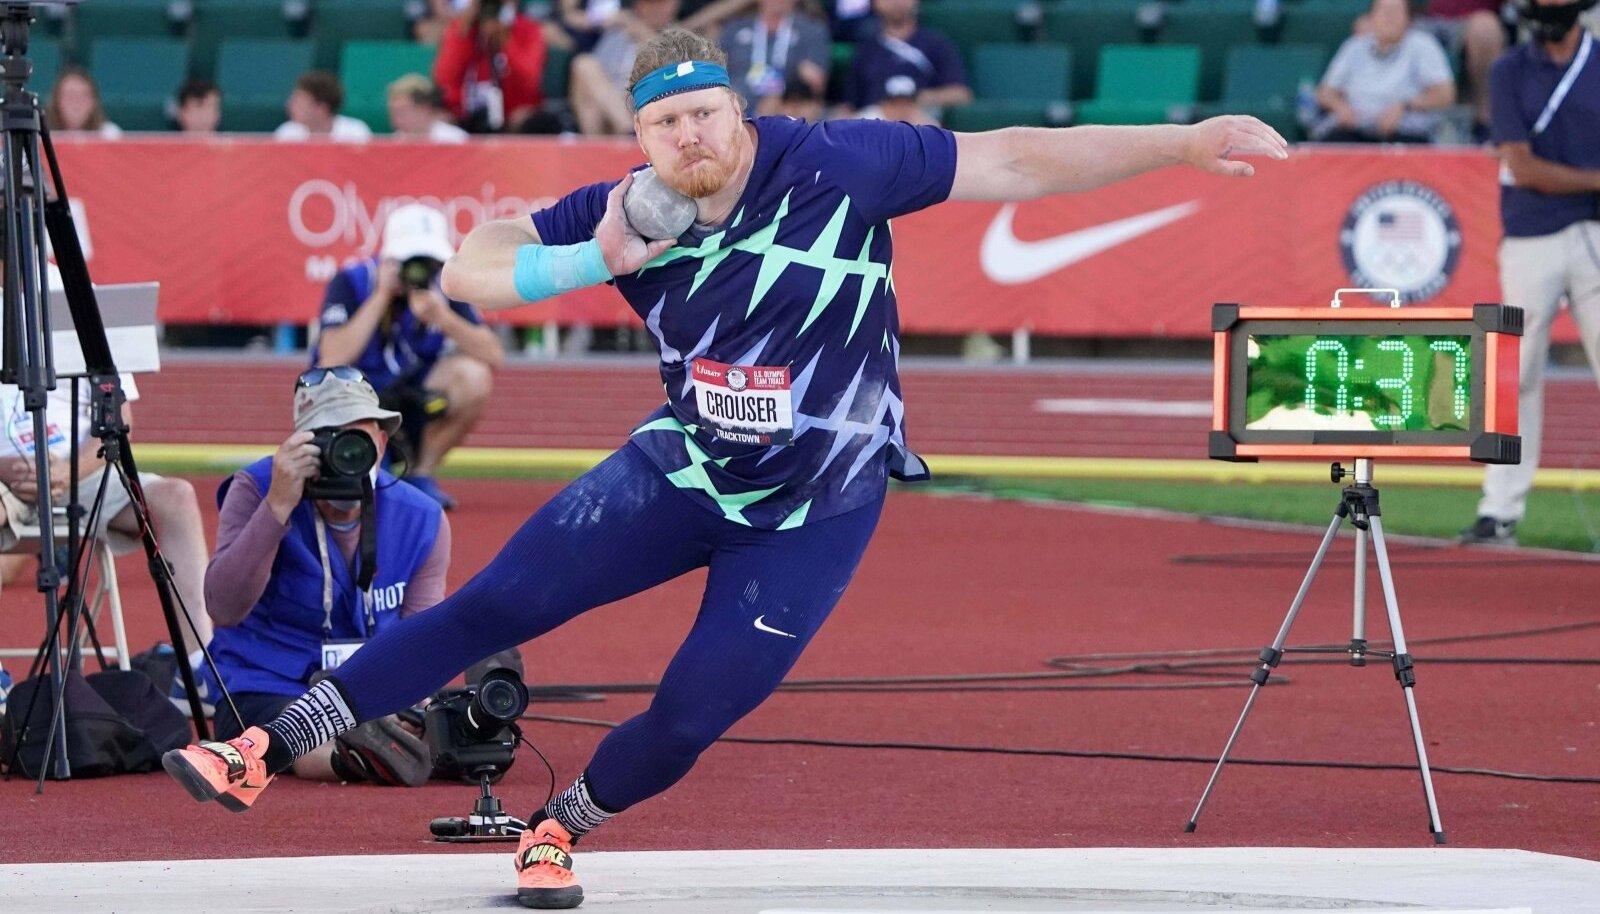 PURAKAS TULI LÕPUKS VÄLJA: Ryan Crouser ohustas kuulitõuke maailmarekordit juba kolm aastat, nüüd lõi ta selle üle lausa 25 sentimeetriga.